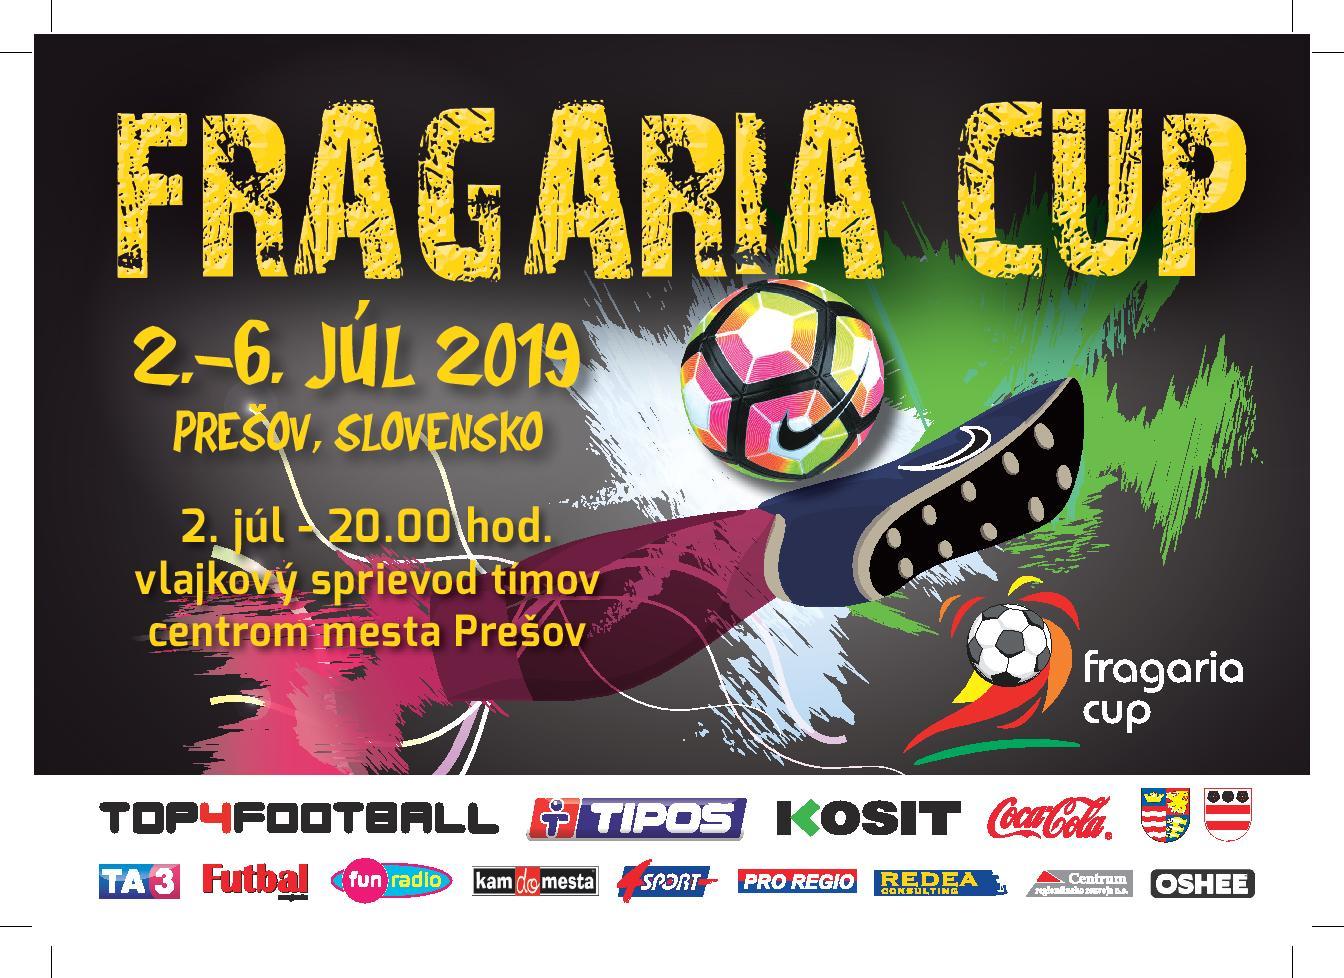 dfdc9417f Veľkolepý FRAGARIA CUP 2019 odštartuje prázdniny v Prešove